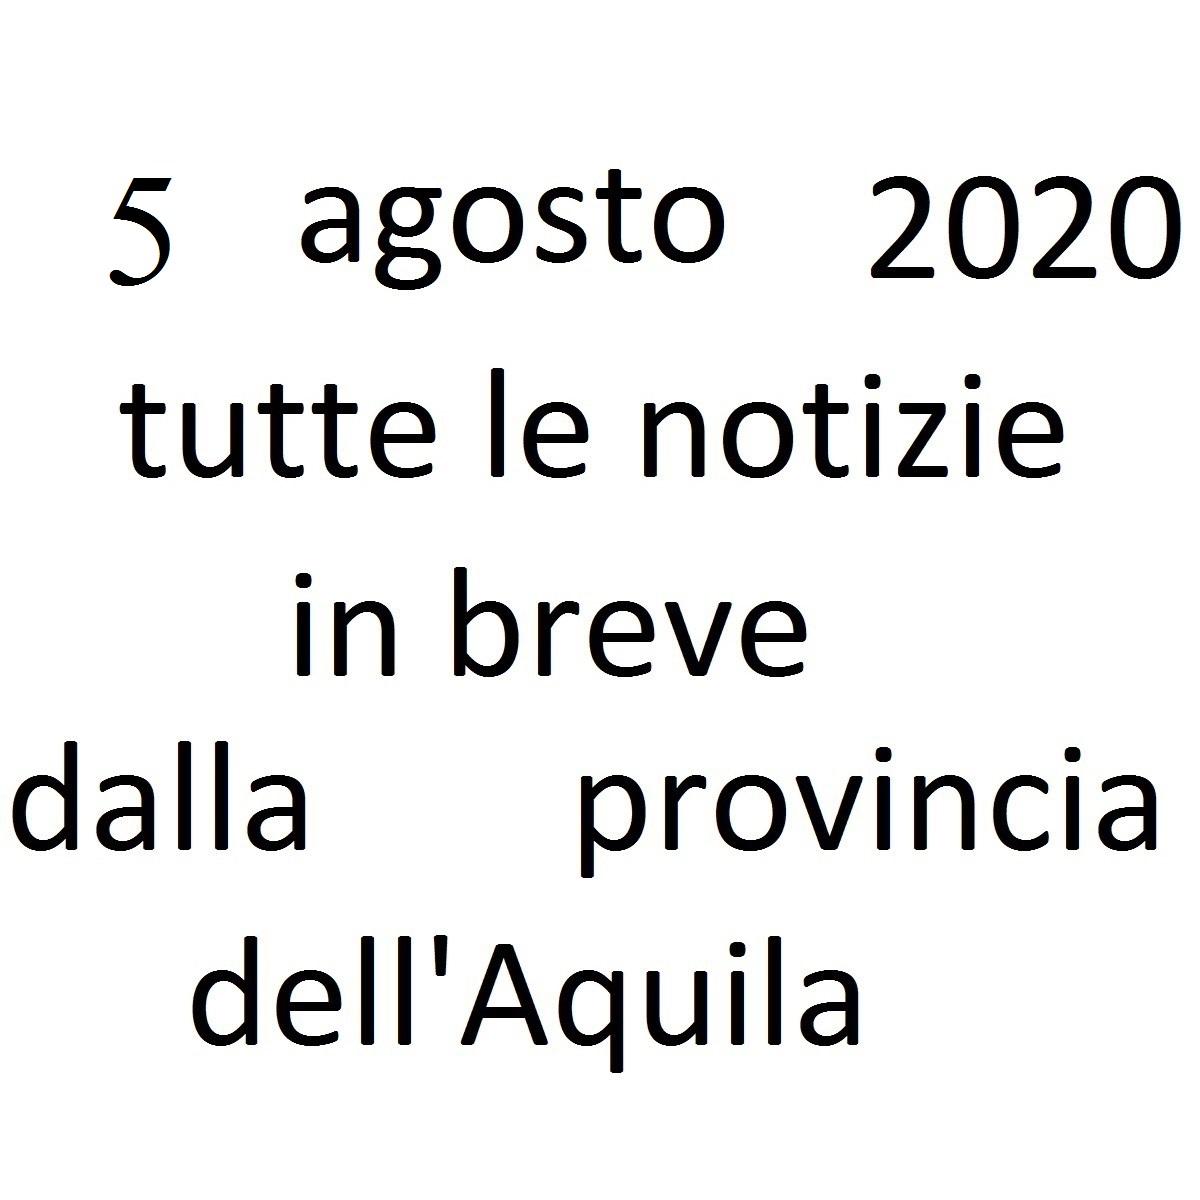 5 agosto 2020 notizie in breve dalla Provincia dell'Aquila foto